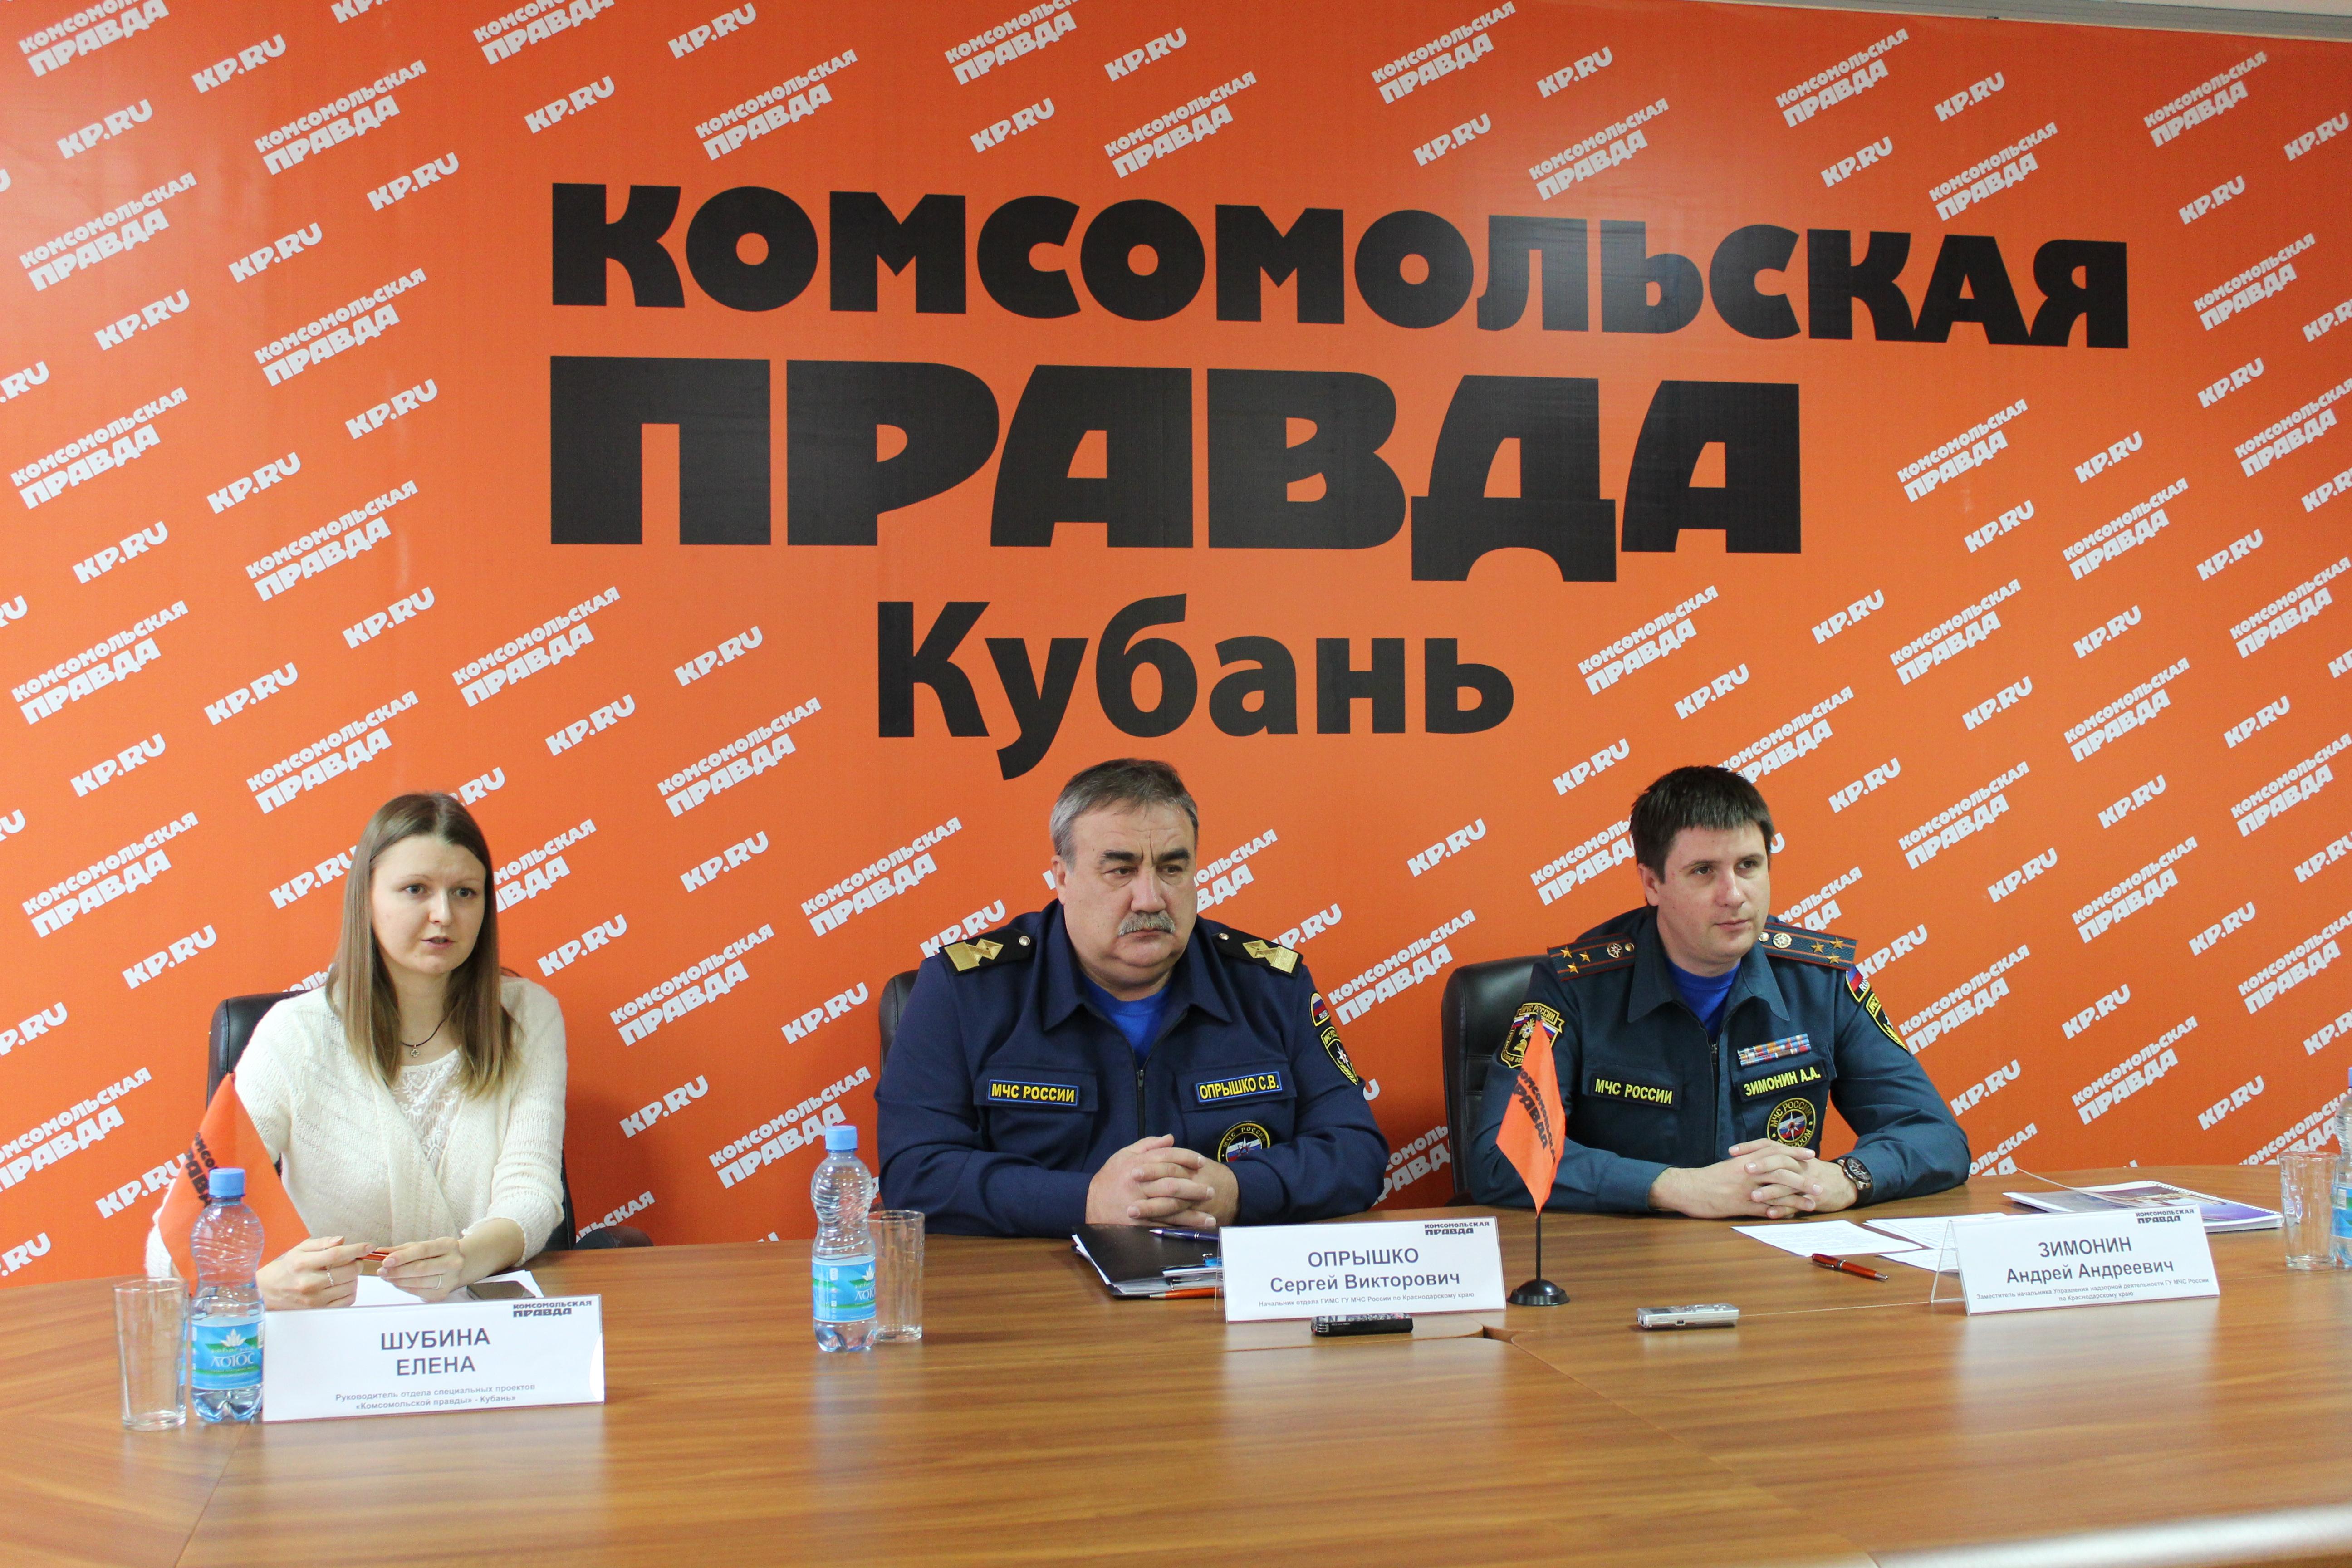 Пресс-конференция по вопросам безопасности прошла в Краснодаре